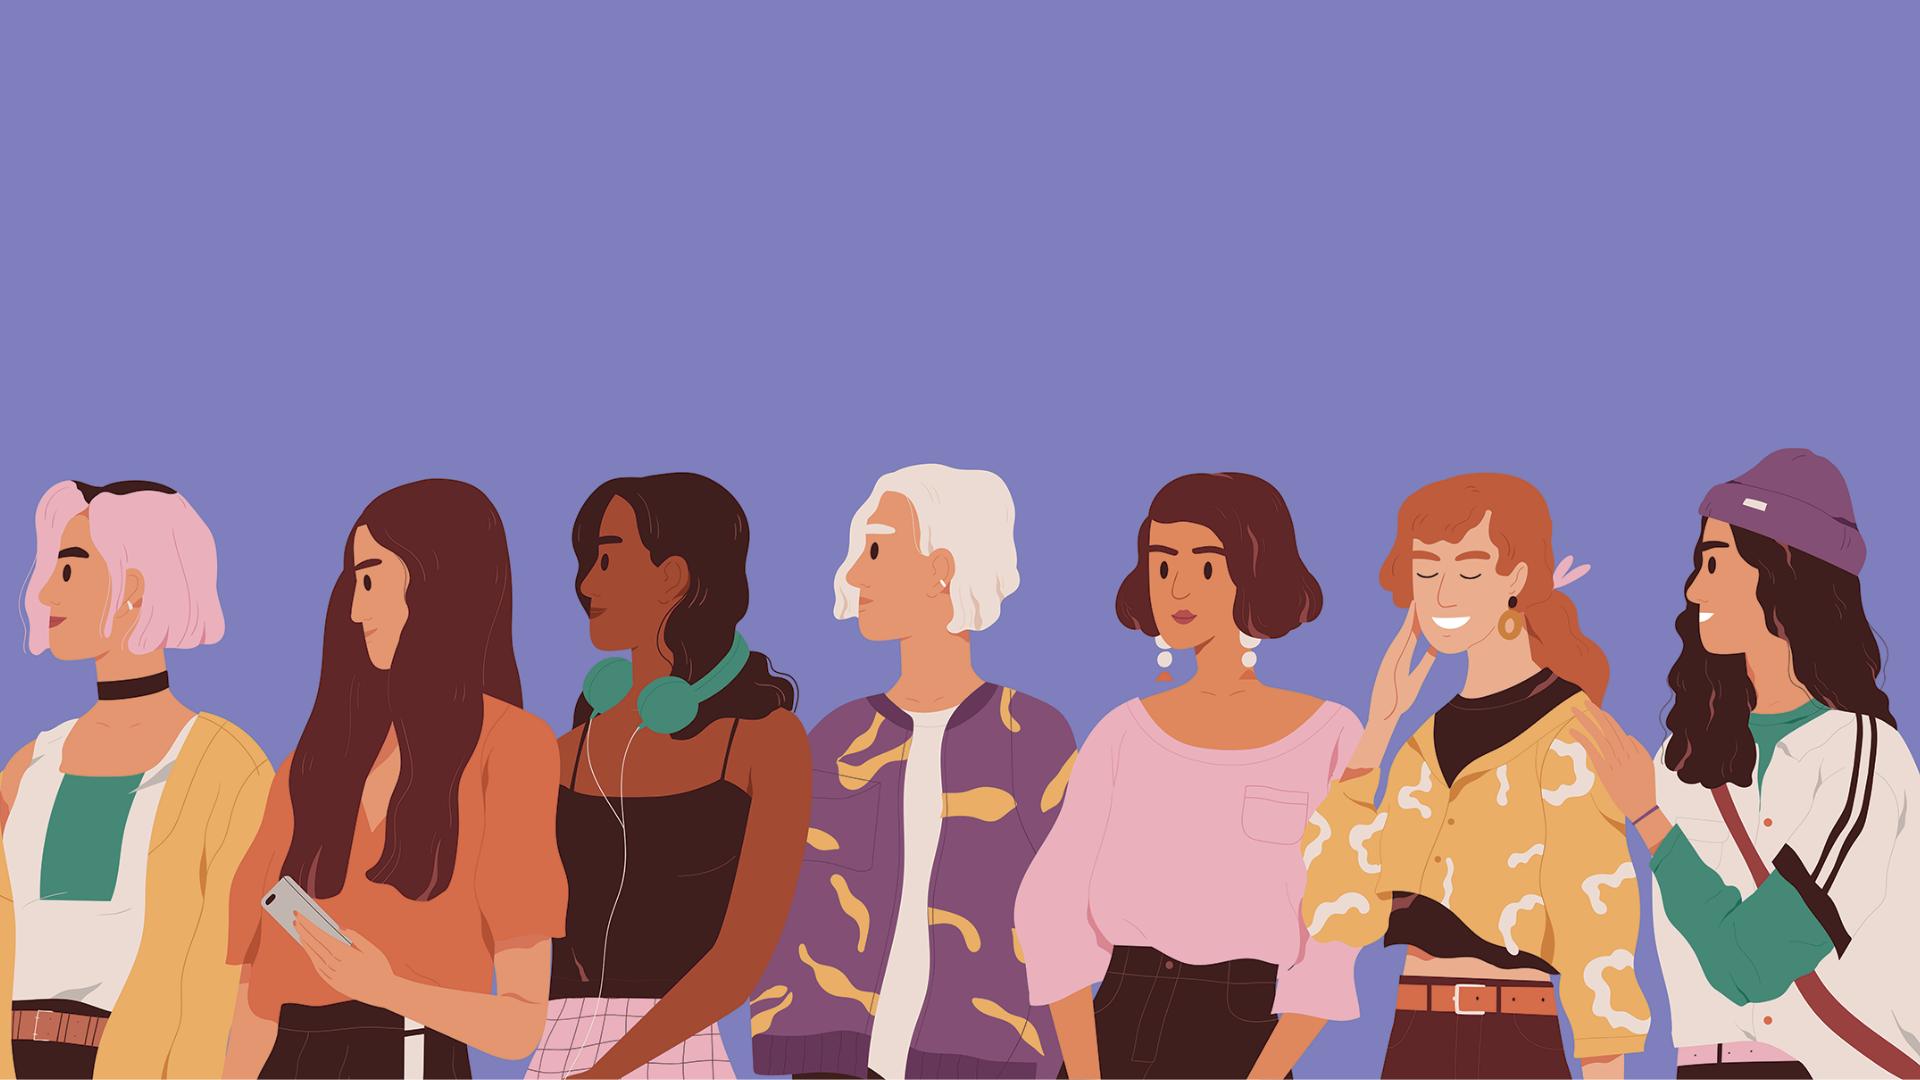 heltinder, ya, young audlt, feminisme, feminist, stærke kvinder, stærke heltinder, stærke bøger, ungdomsbog, ungdosmbøger, ungdomslitteratur, Kvindernes kampdag